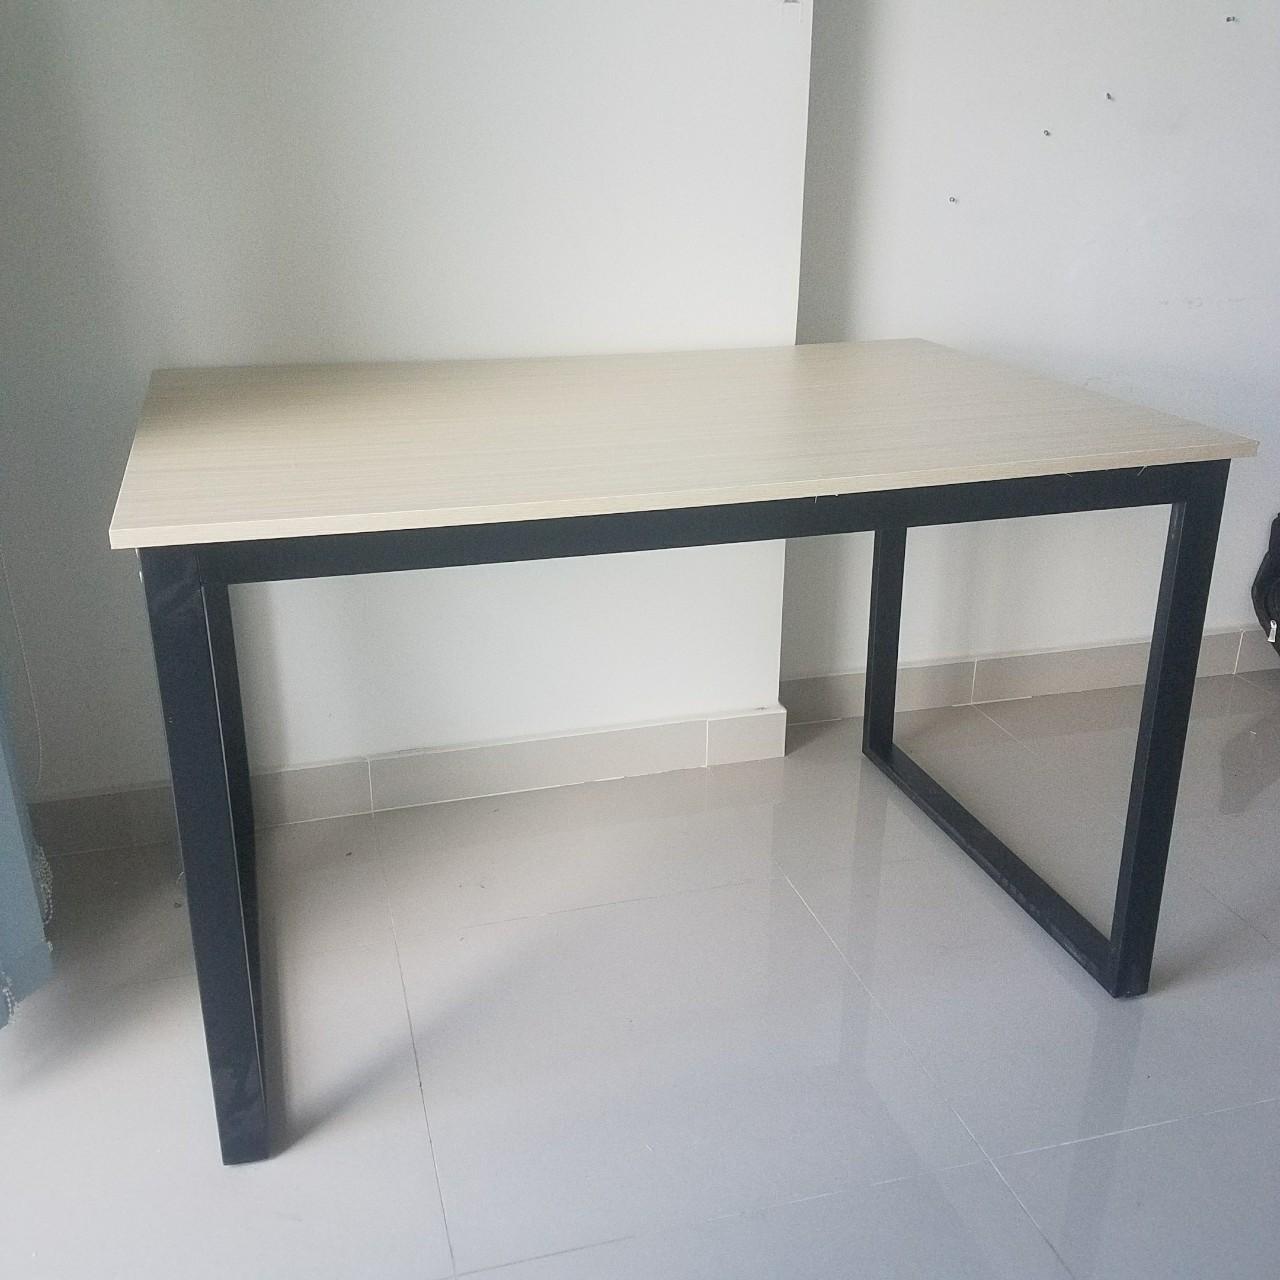 Bàn văn phòng chân sắt 1m2x80 : KG – B1208